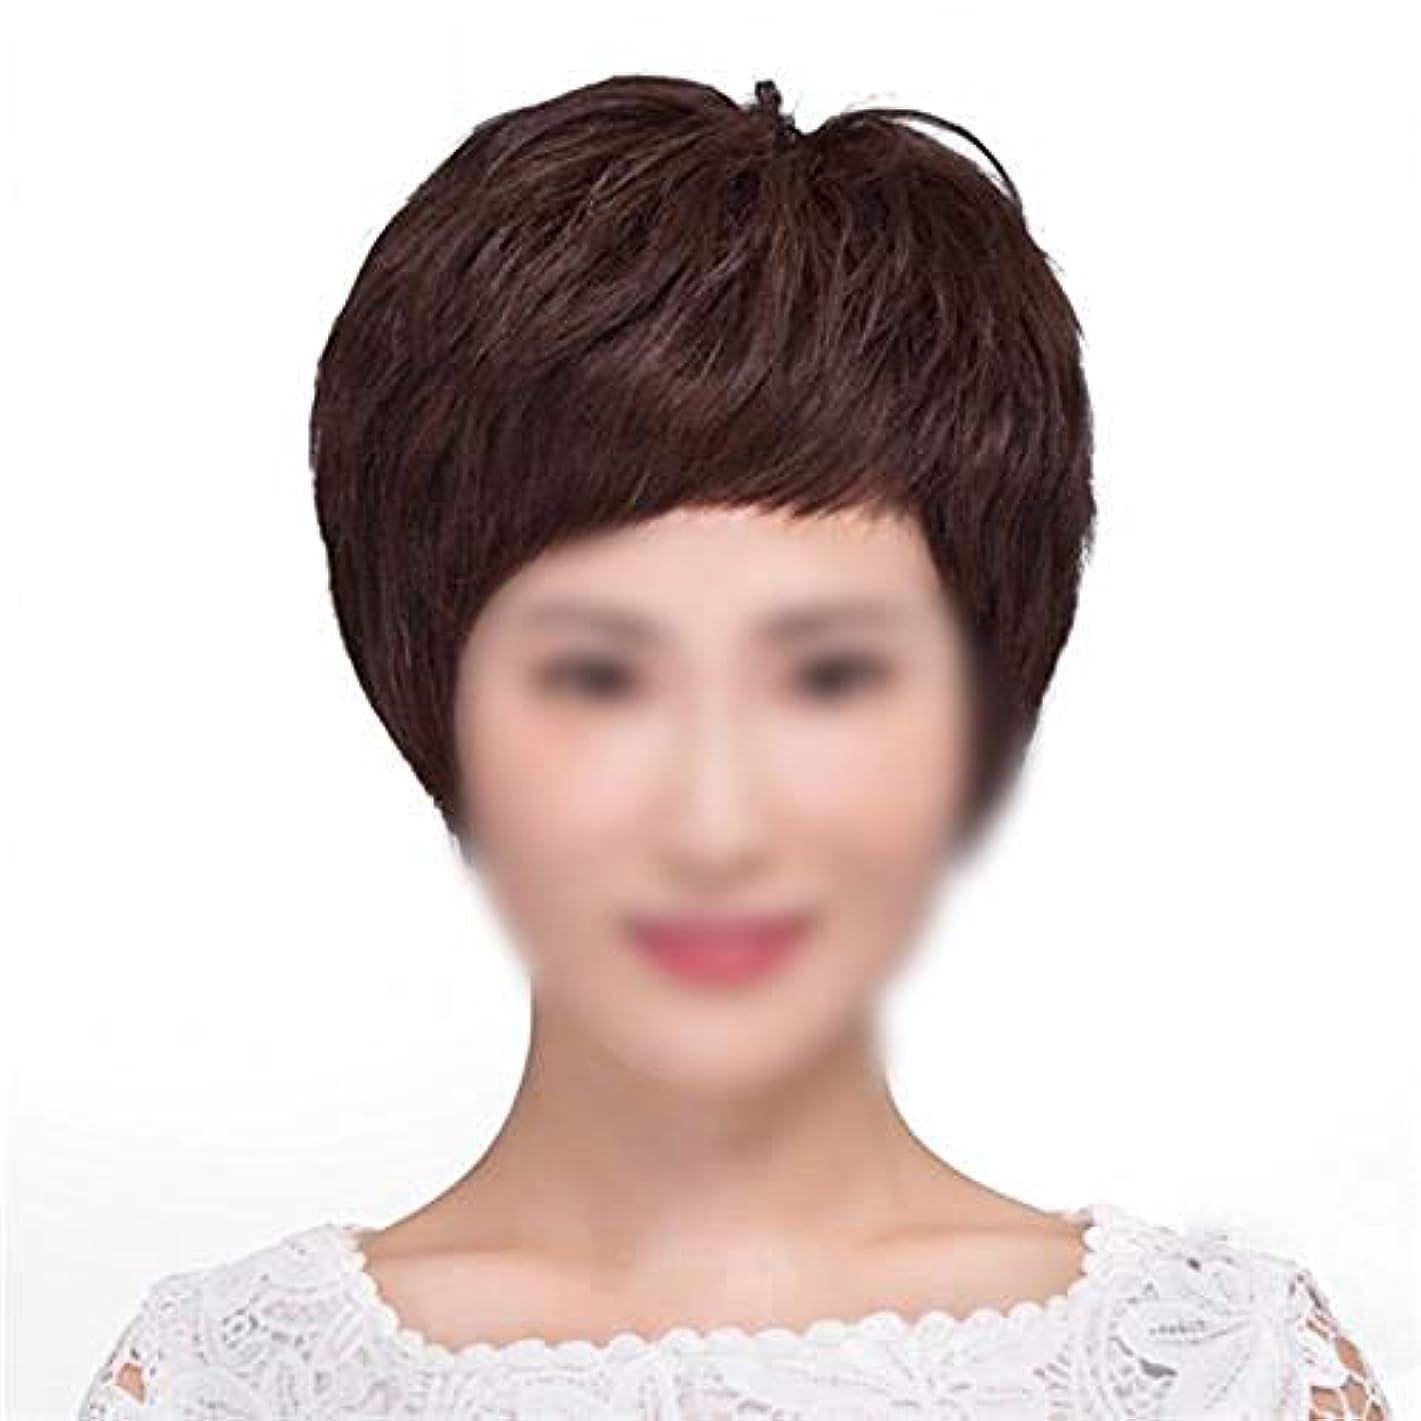 拳カニ言及するYOUQIU 女性のパーティードレス毎日ウィッグ用ハンドニードルレアル髪ショートストレート髪ふわふわナチュラルウィッグ (色 : Natural black)